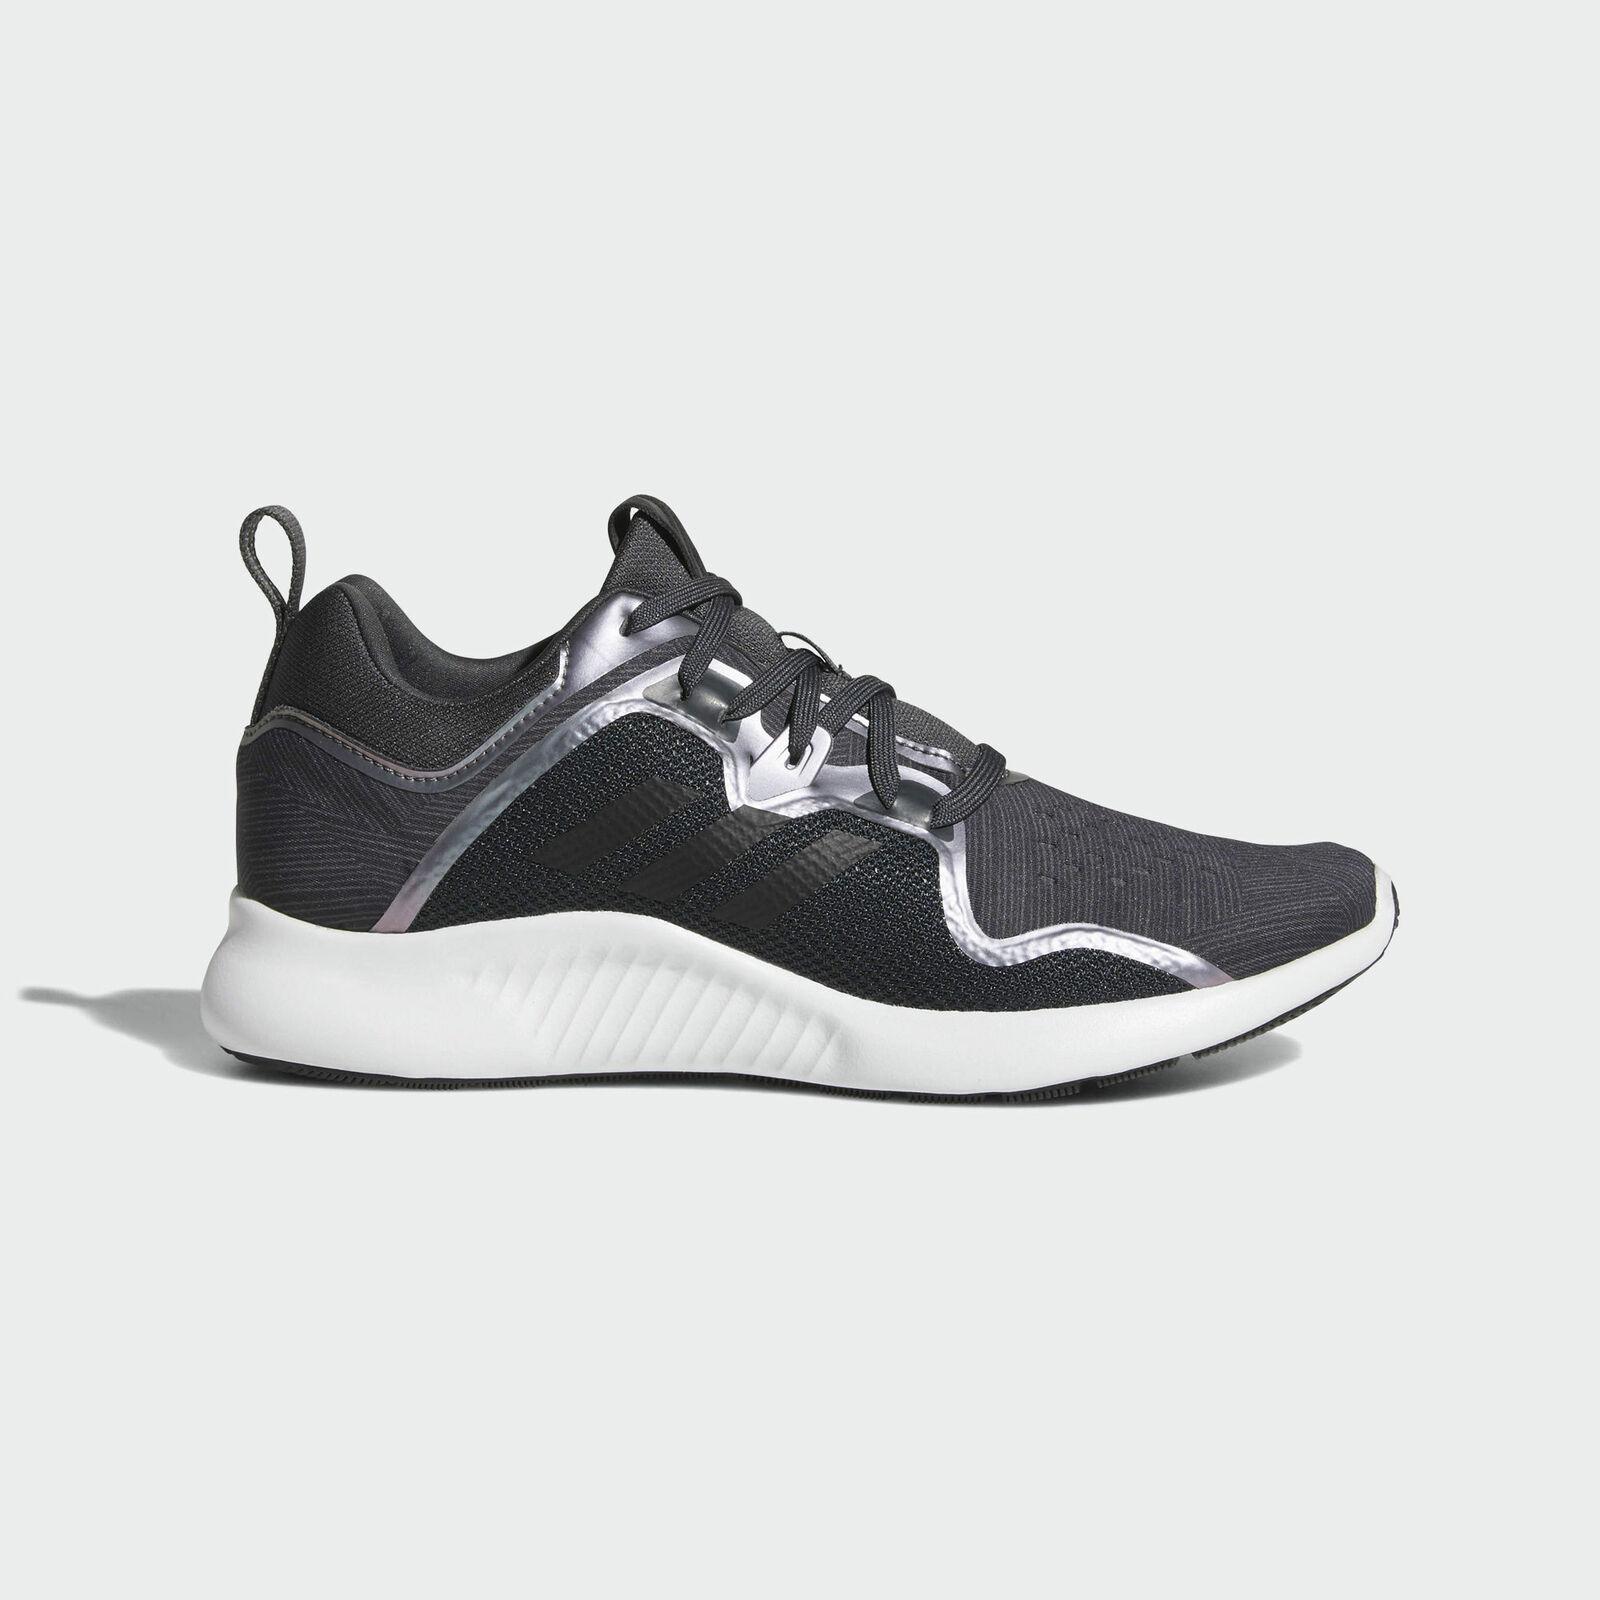 adidas Edgebounce CG5536